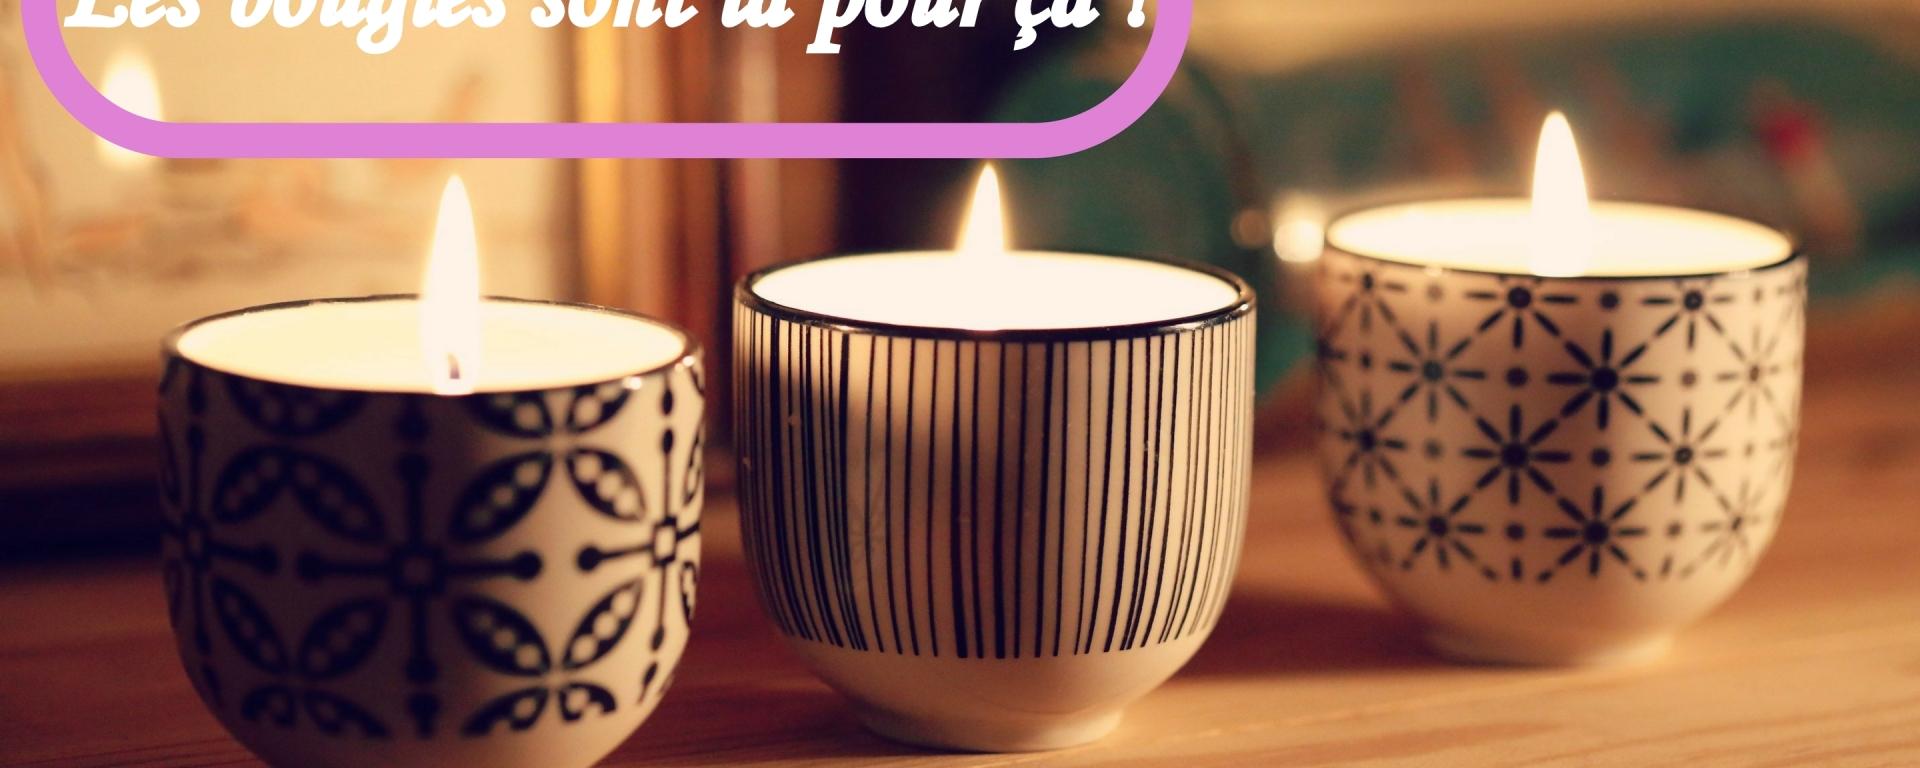 envie de cocooning ? les bougies sont là pour ça !